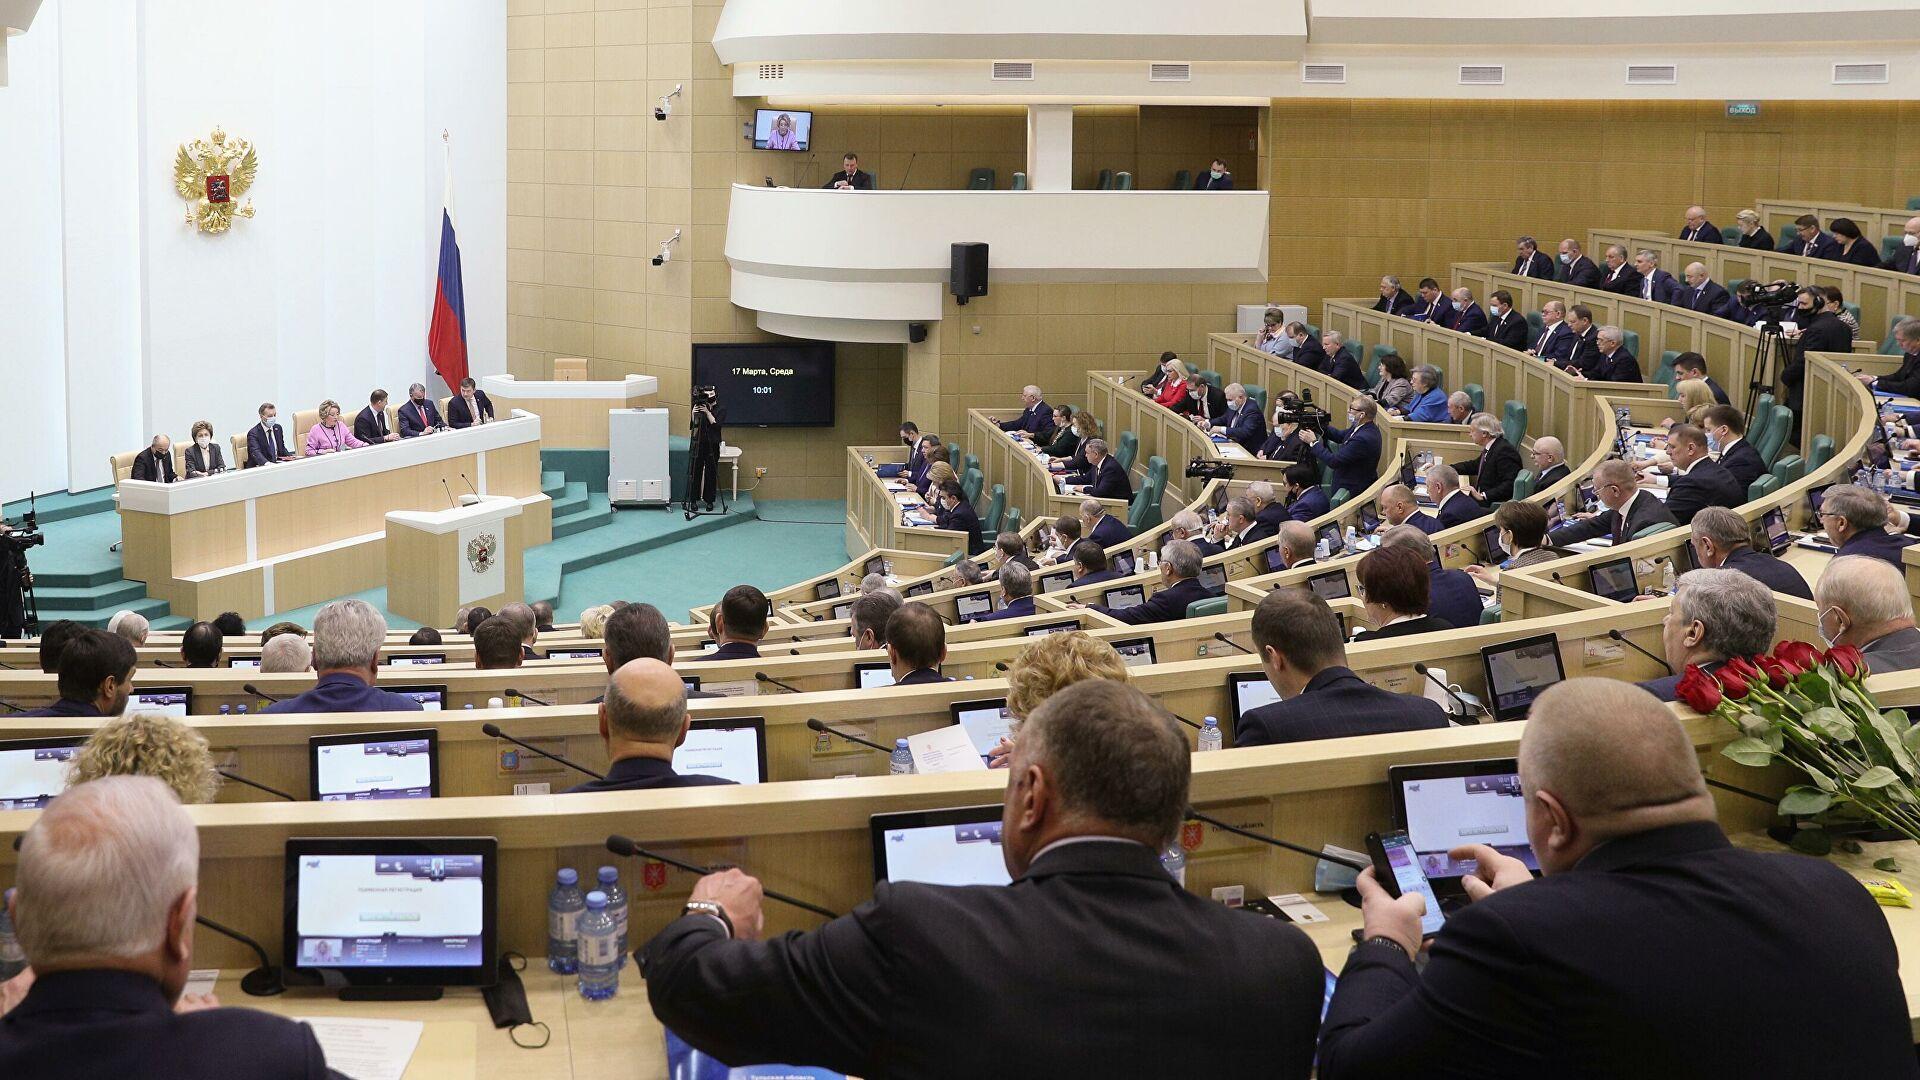 Комитет Совфеда рассмотрит денонсацию ДОН в понедельник